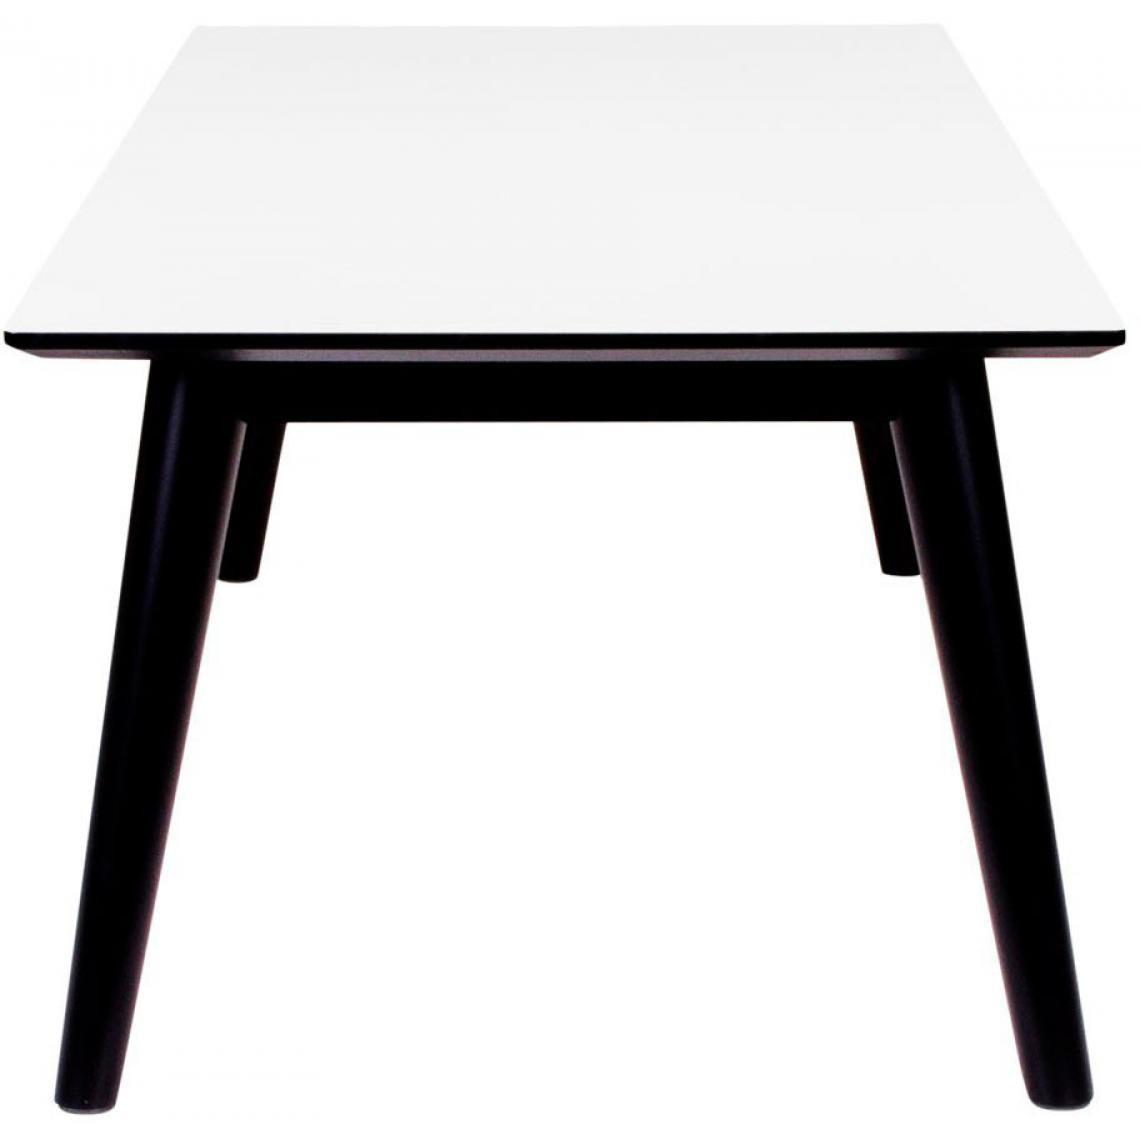 Table Basse Scandinave Blanche Et Noire Lony 3 Suisses